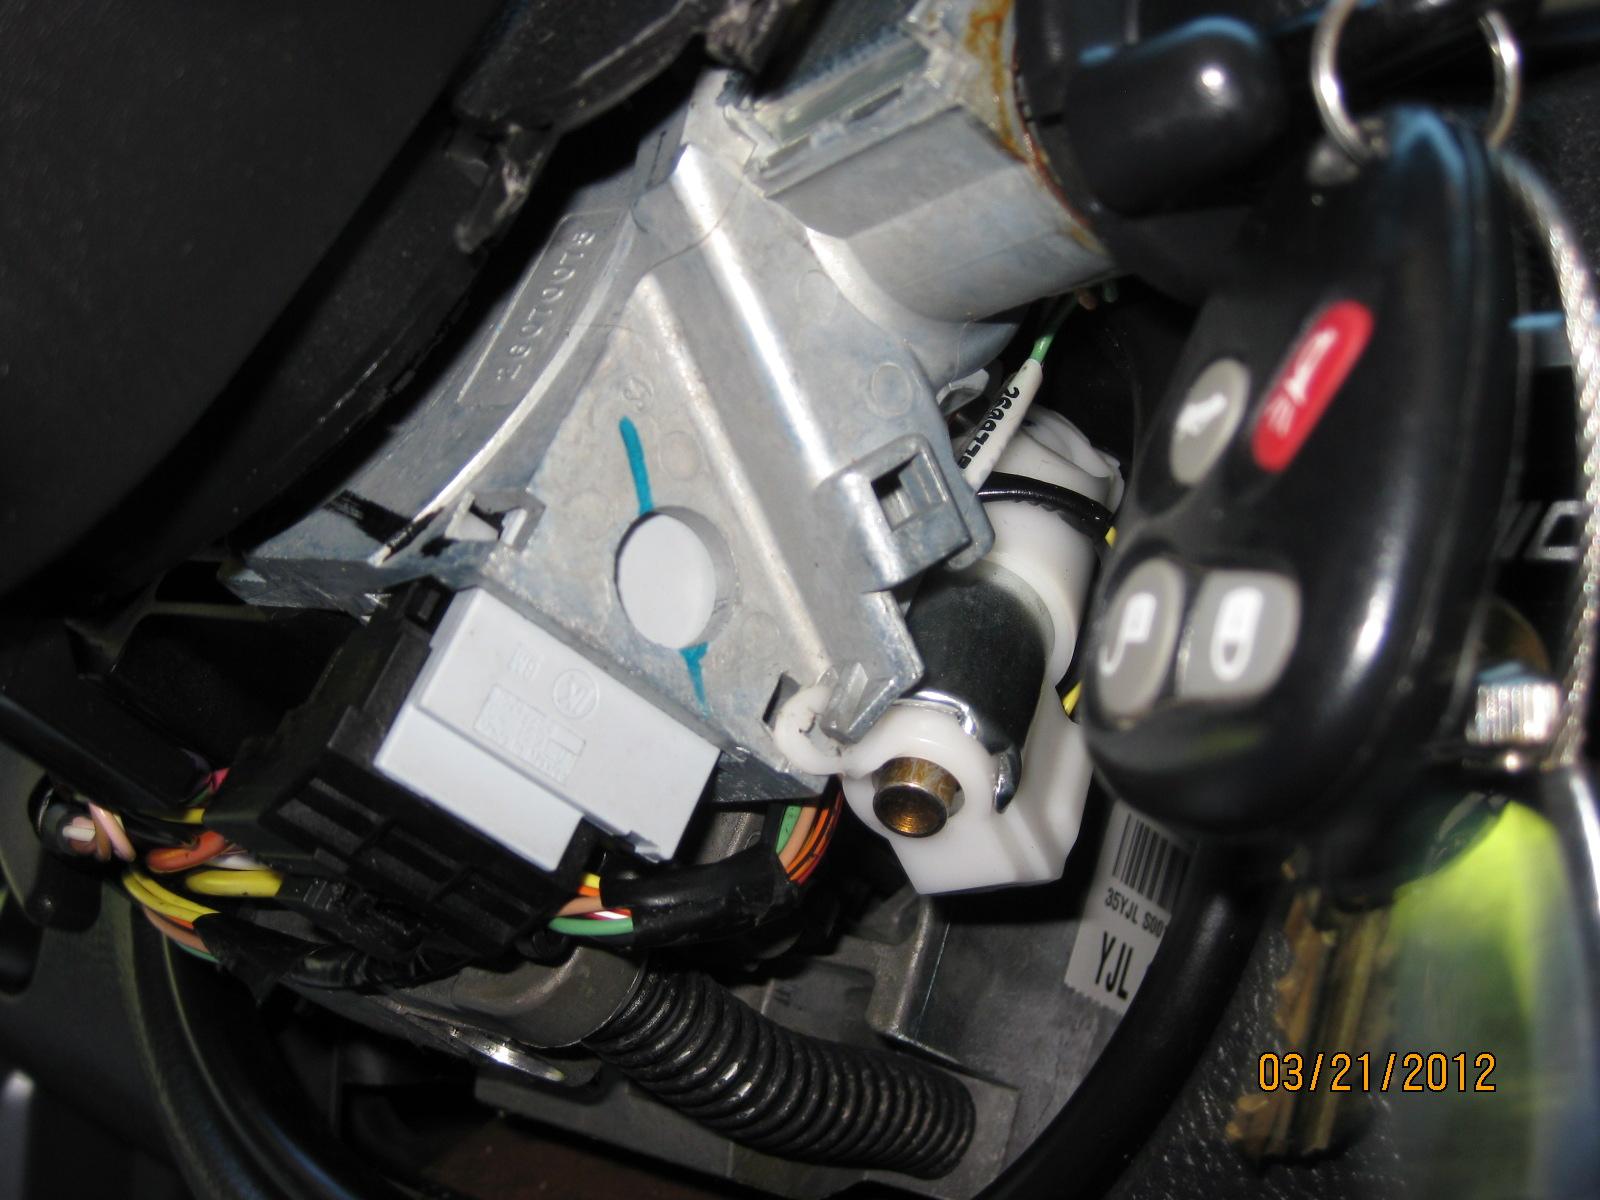 2013 Santa Fe Wiring Diagram Hyundai Pdf Gear Shift Stuck In Park Chevy Ssr Forum